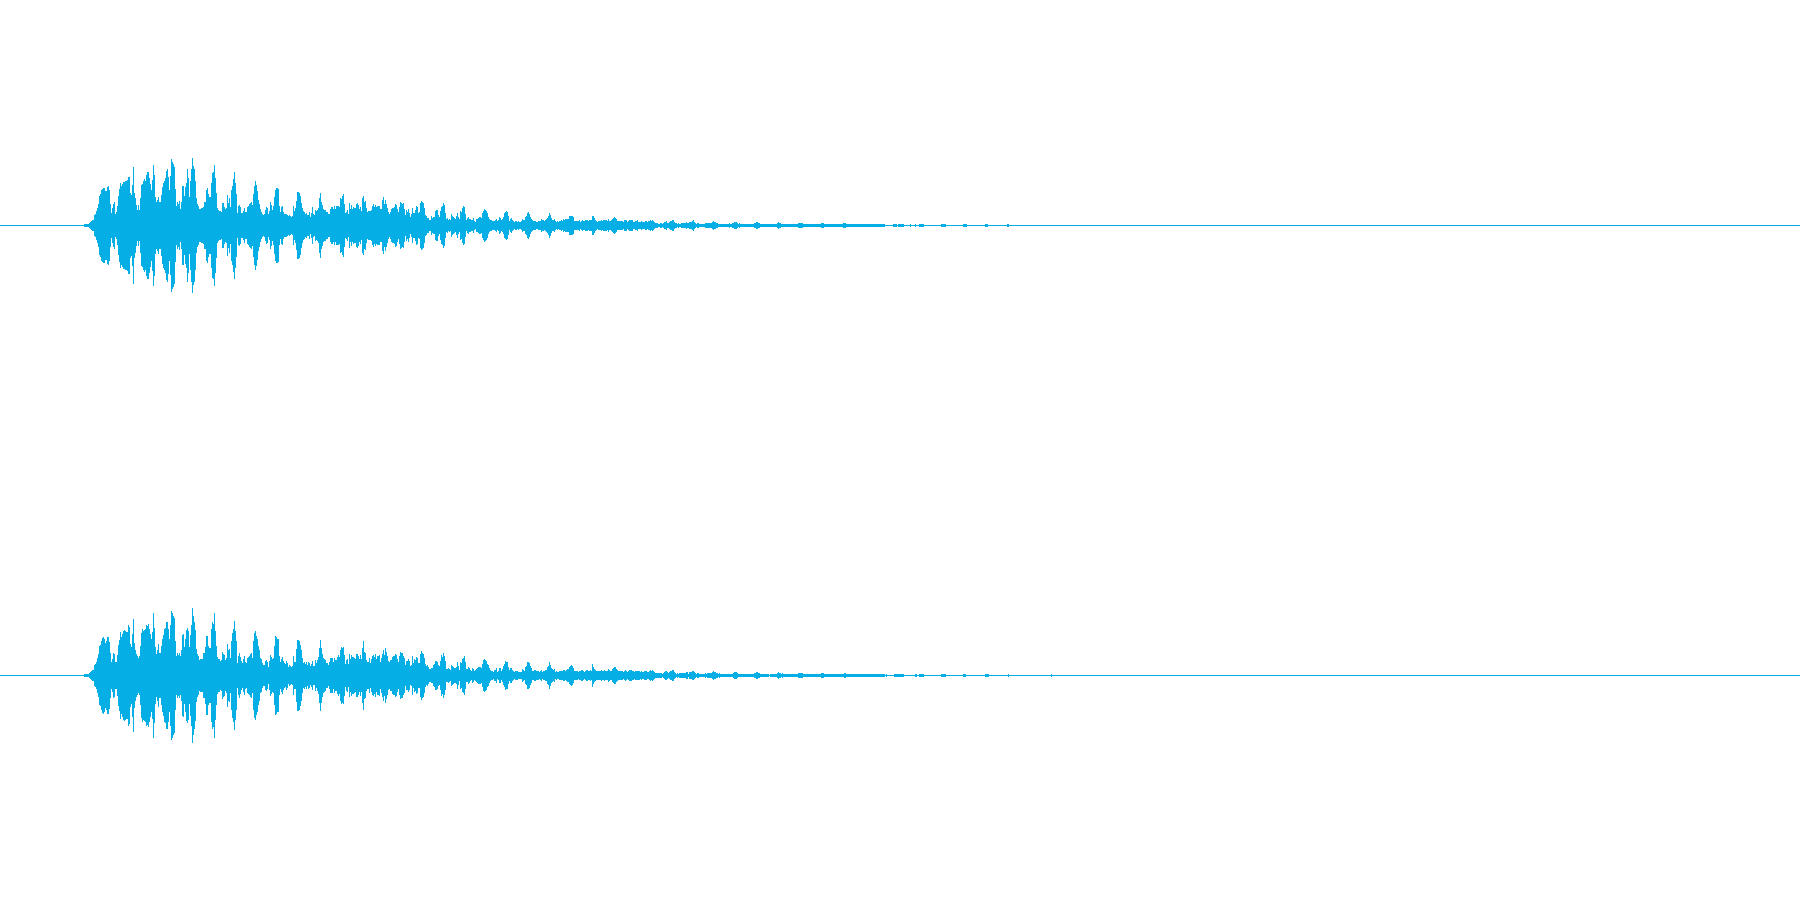 【ショートブリッジ12-3】の再生済みの波形